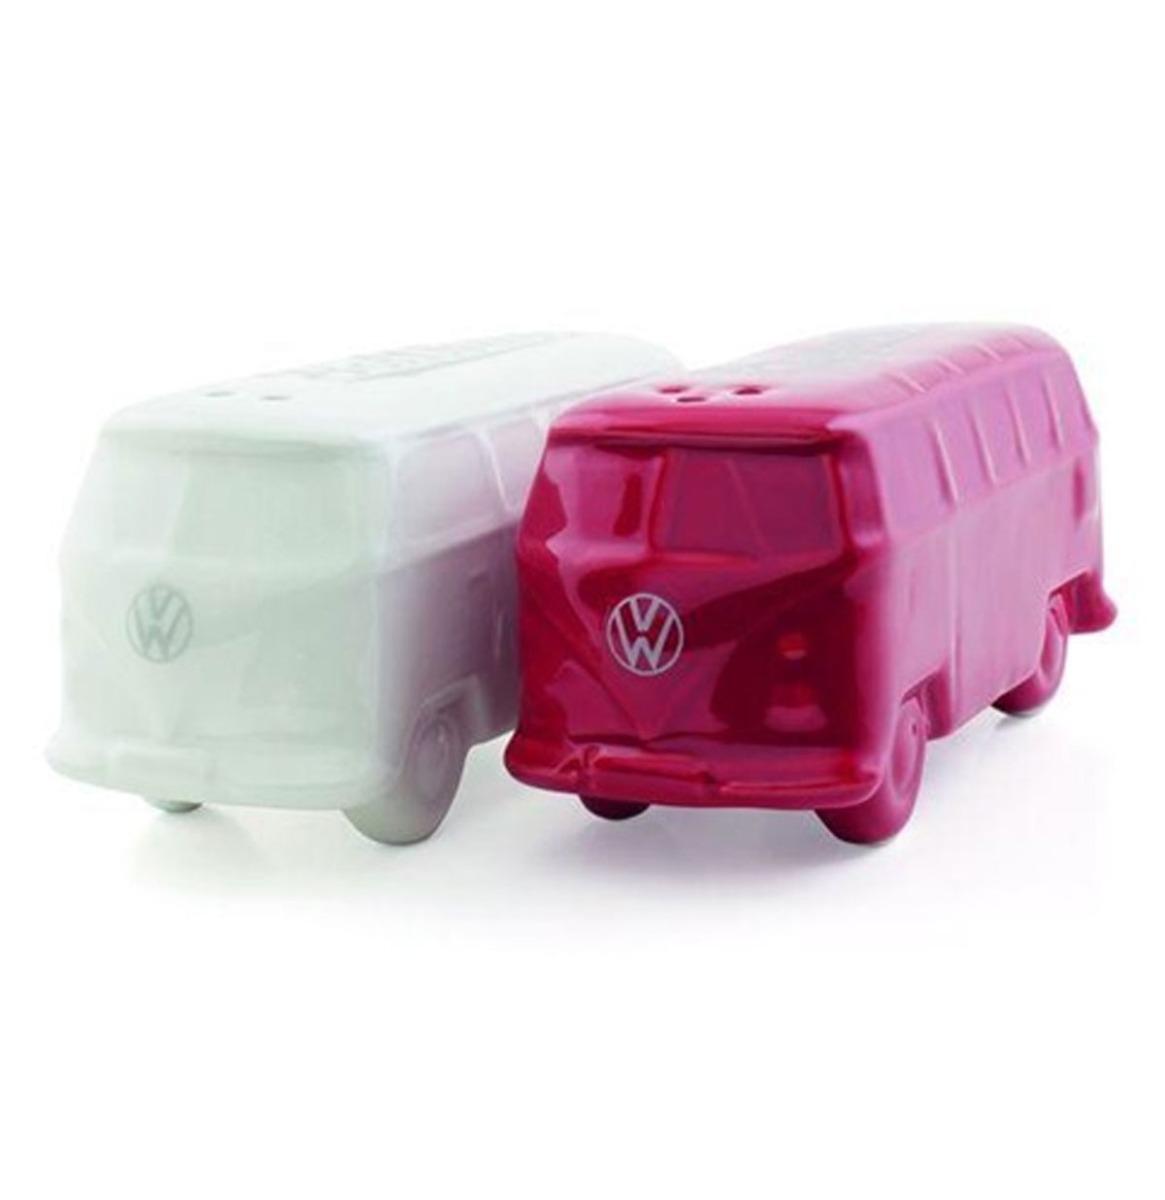 Volkswagen Zout&Peper Stelletje - Rood/Wit